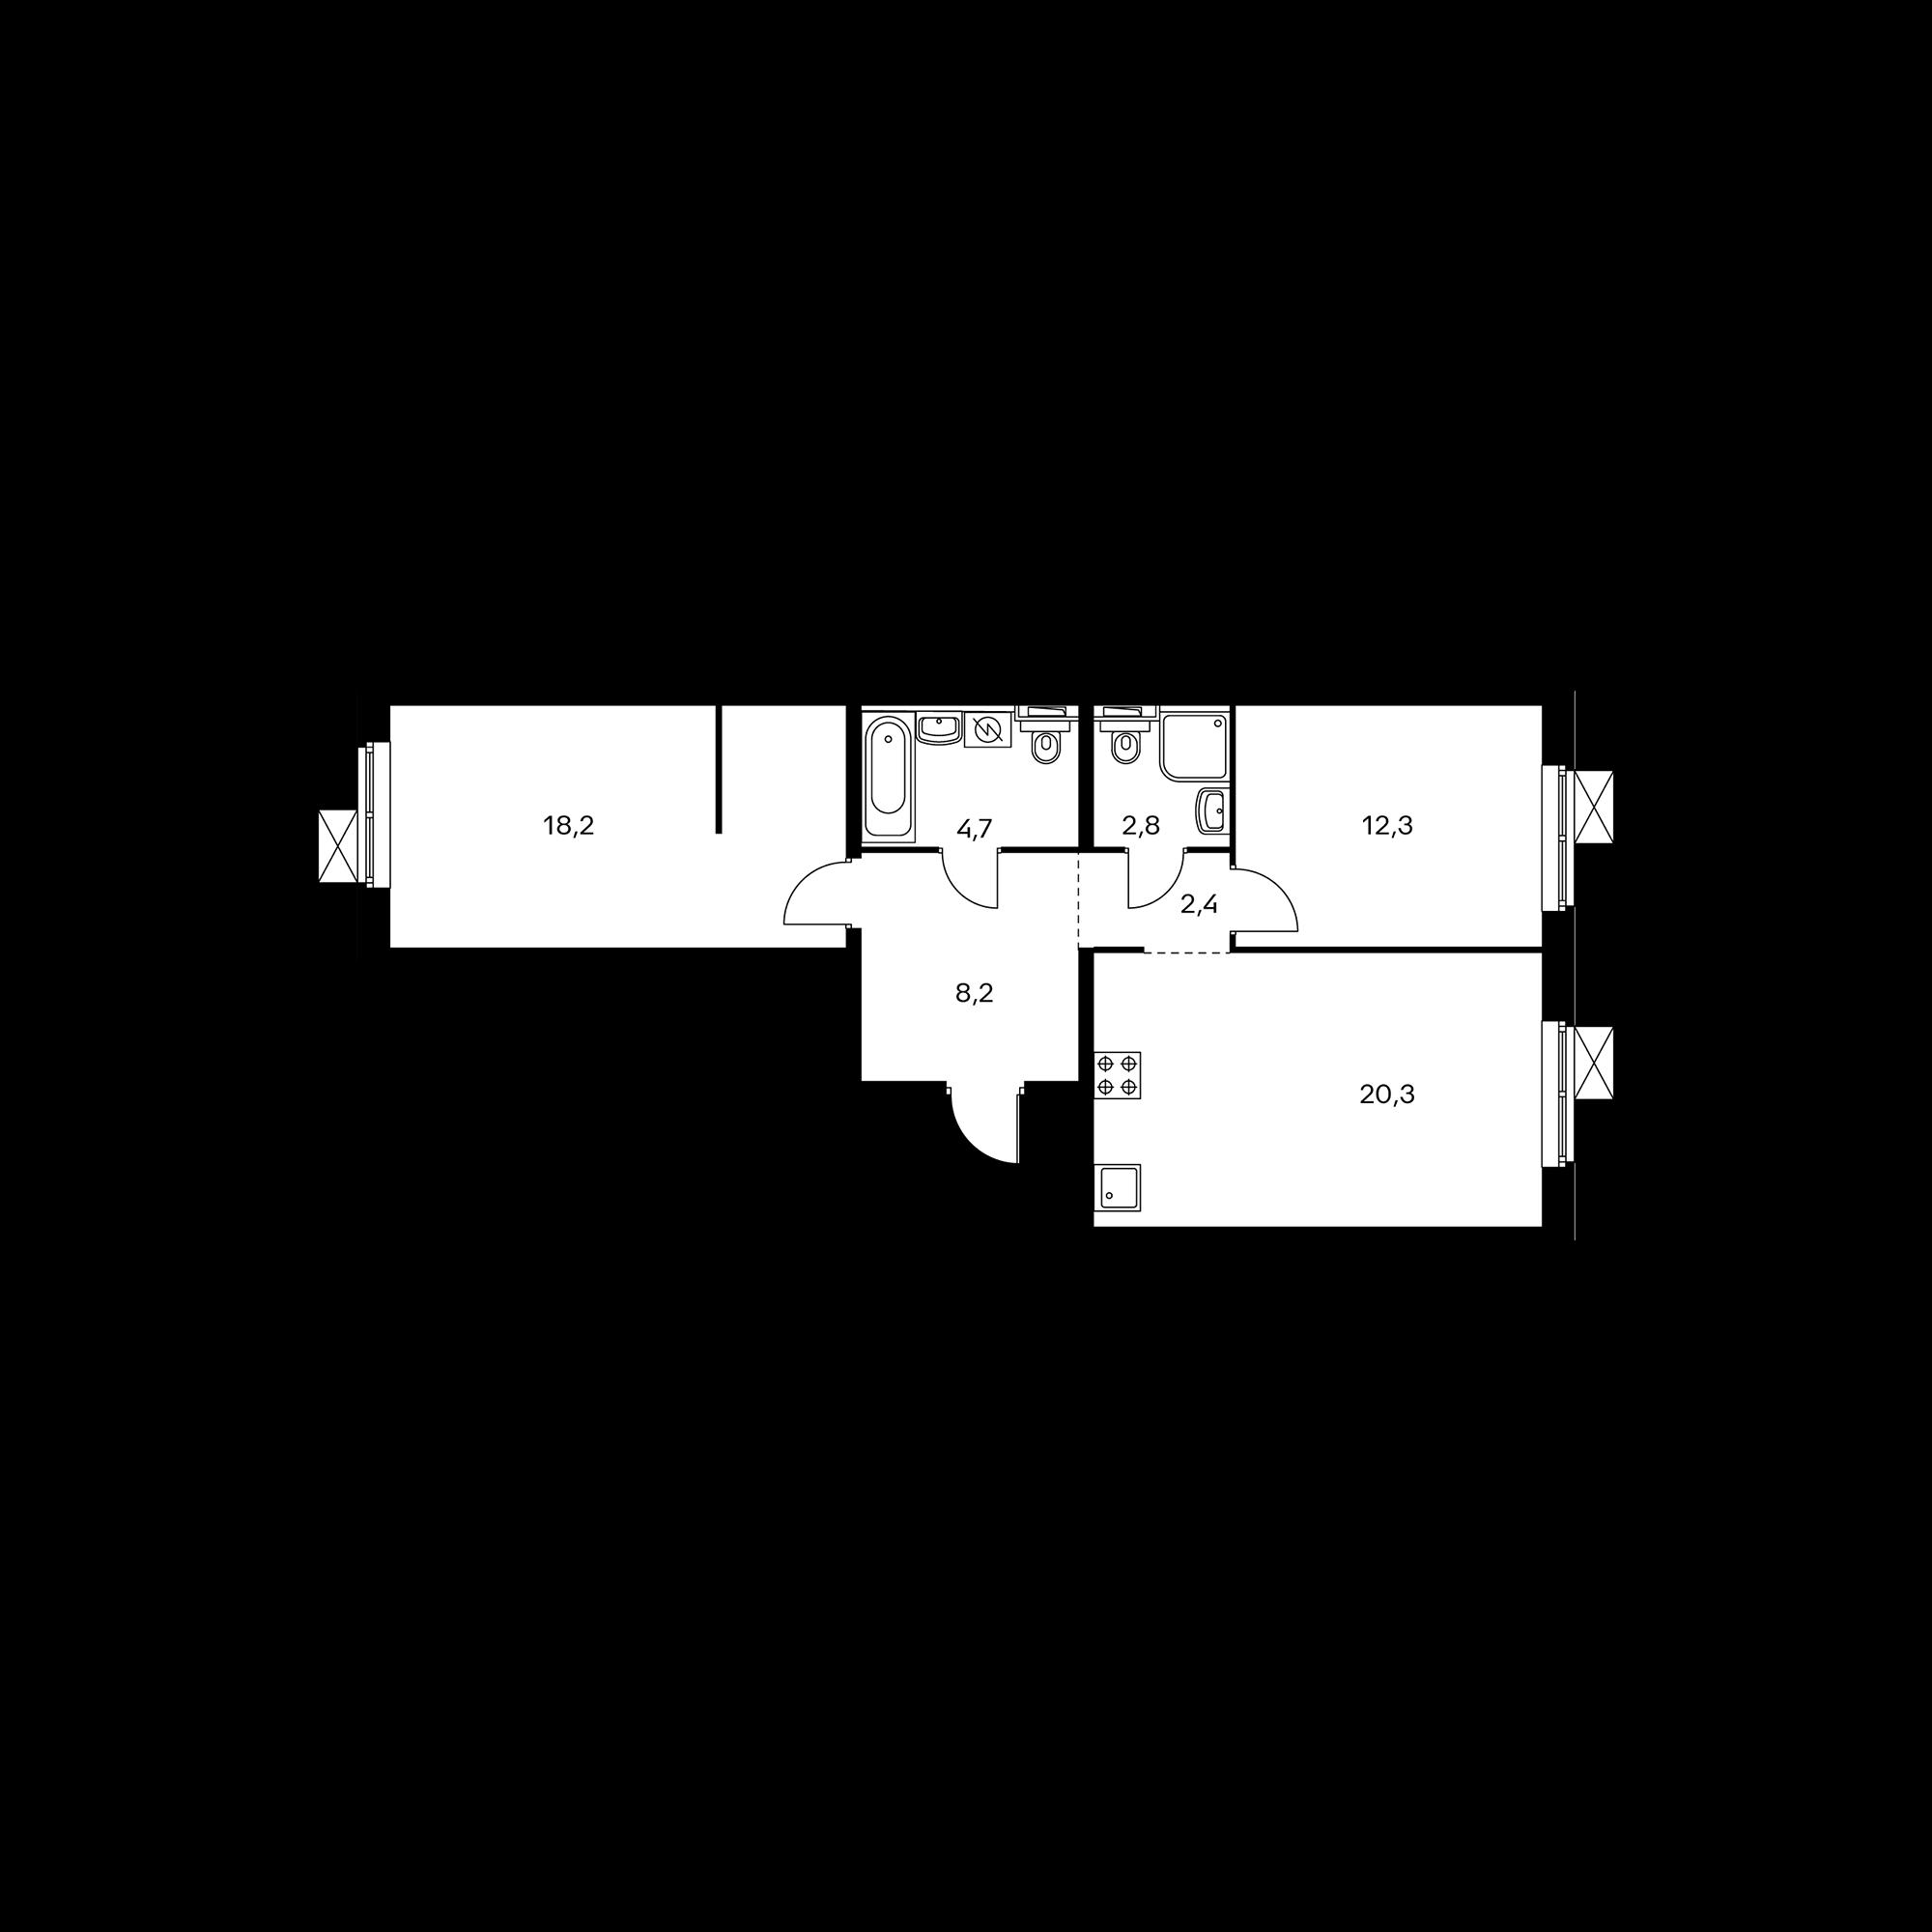 2EL10_6.9-1_S_Z